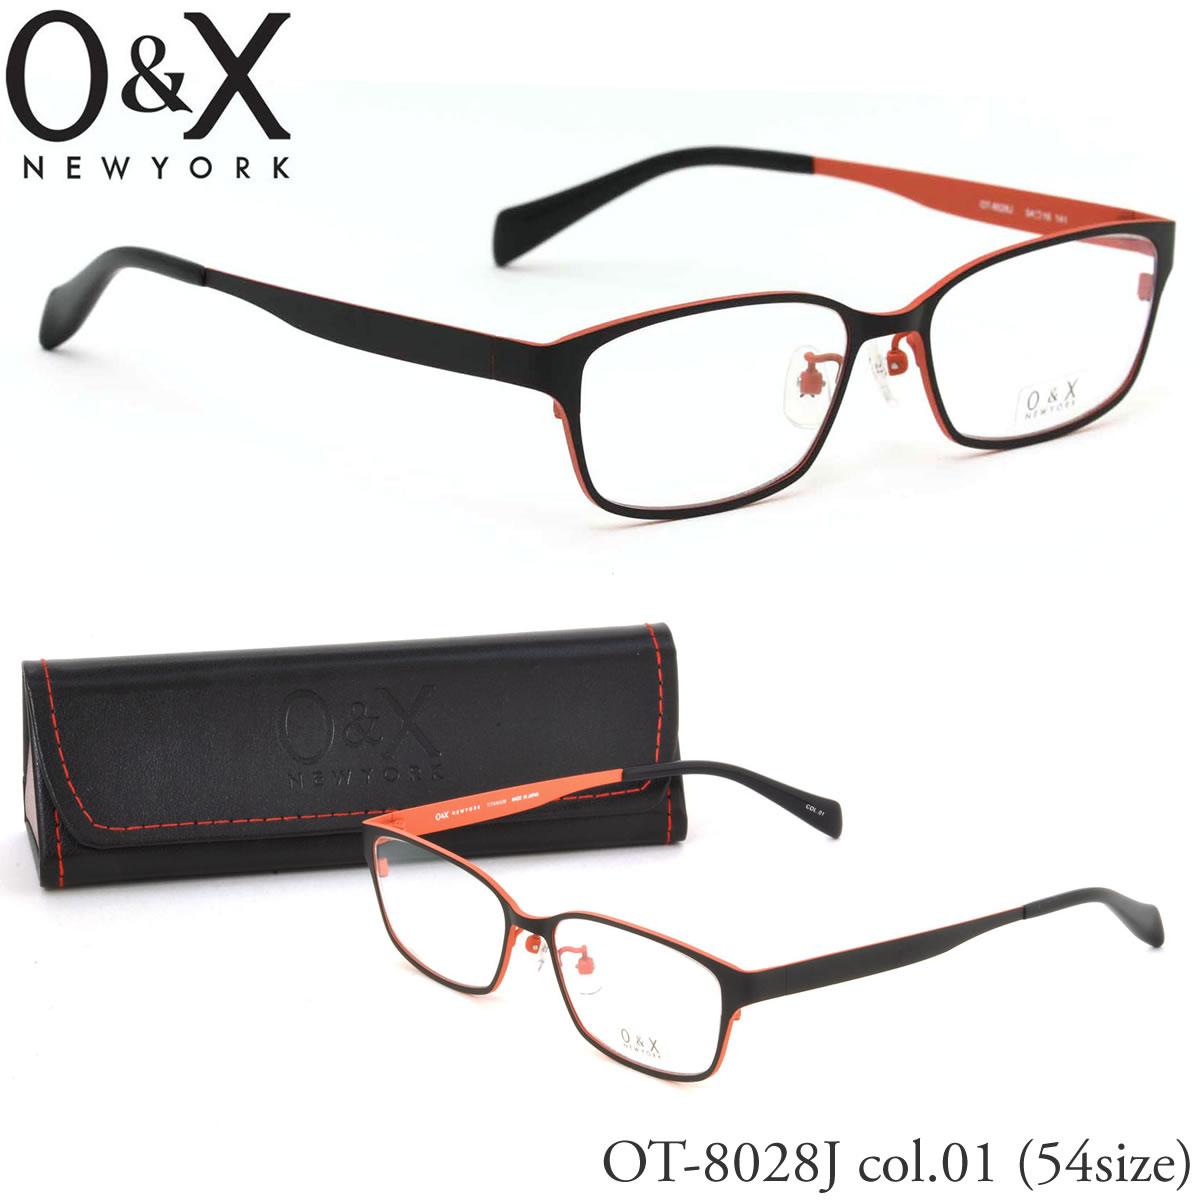 【10月30日からエントリーで全品ポイント20倍】【O&X】(オーアンドエックス) メガネ フレーム OT 8028J 01 54サイズ スクエア βTITANIUM ベータチタン 日本製 オーアンドエックス O&X メンズ レディース